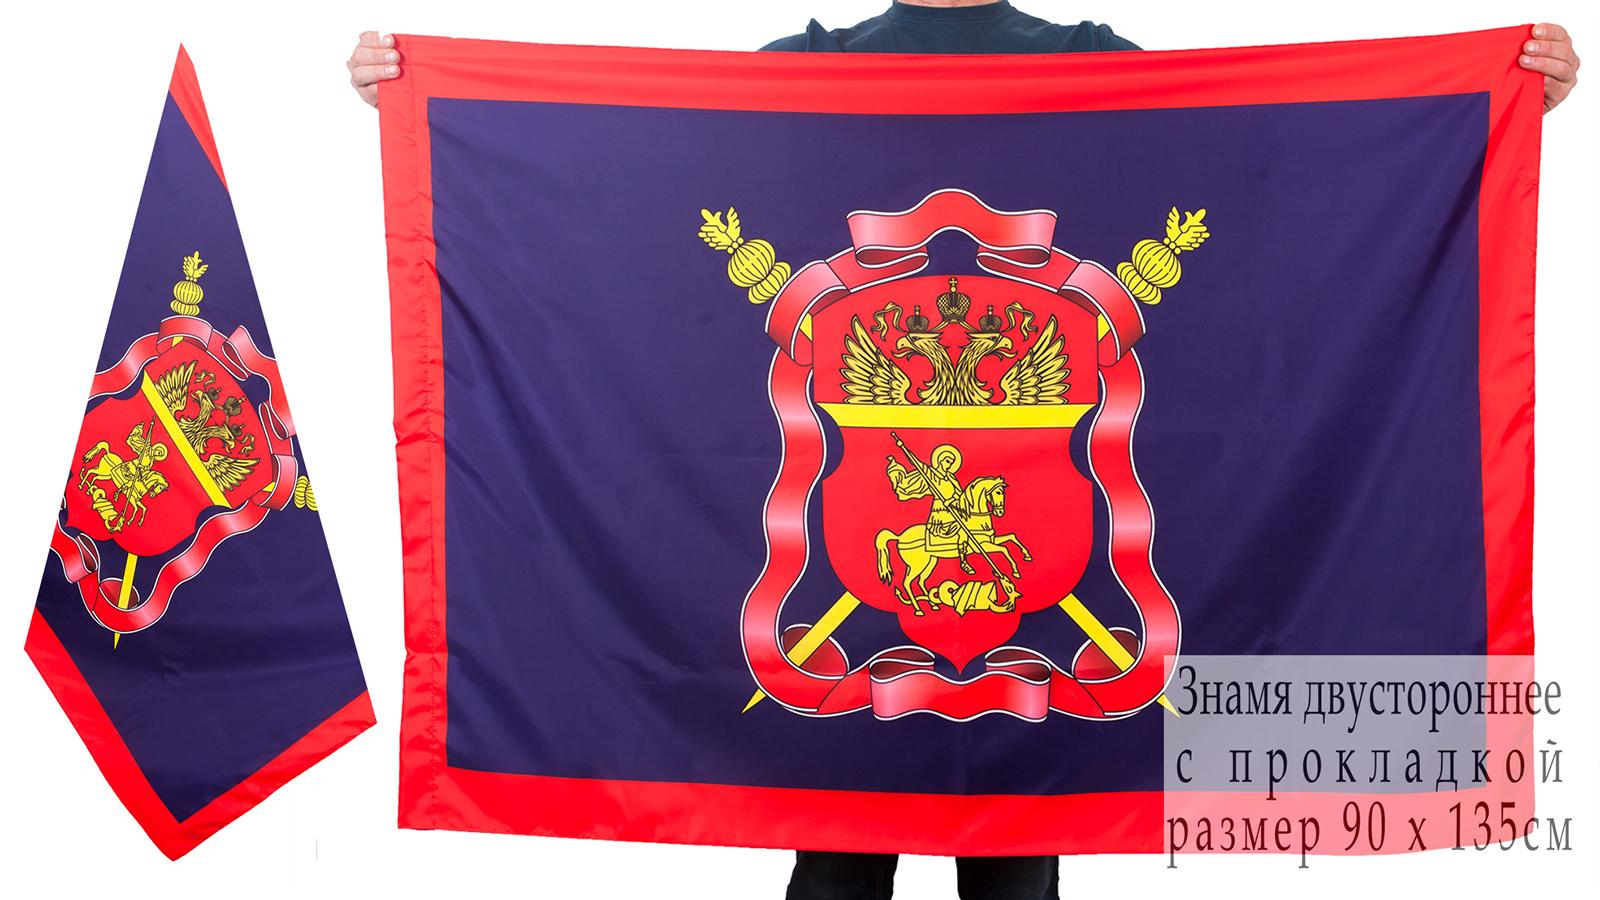 Двухсторонний флаг Центрального Казачьего войска